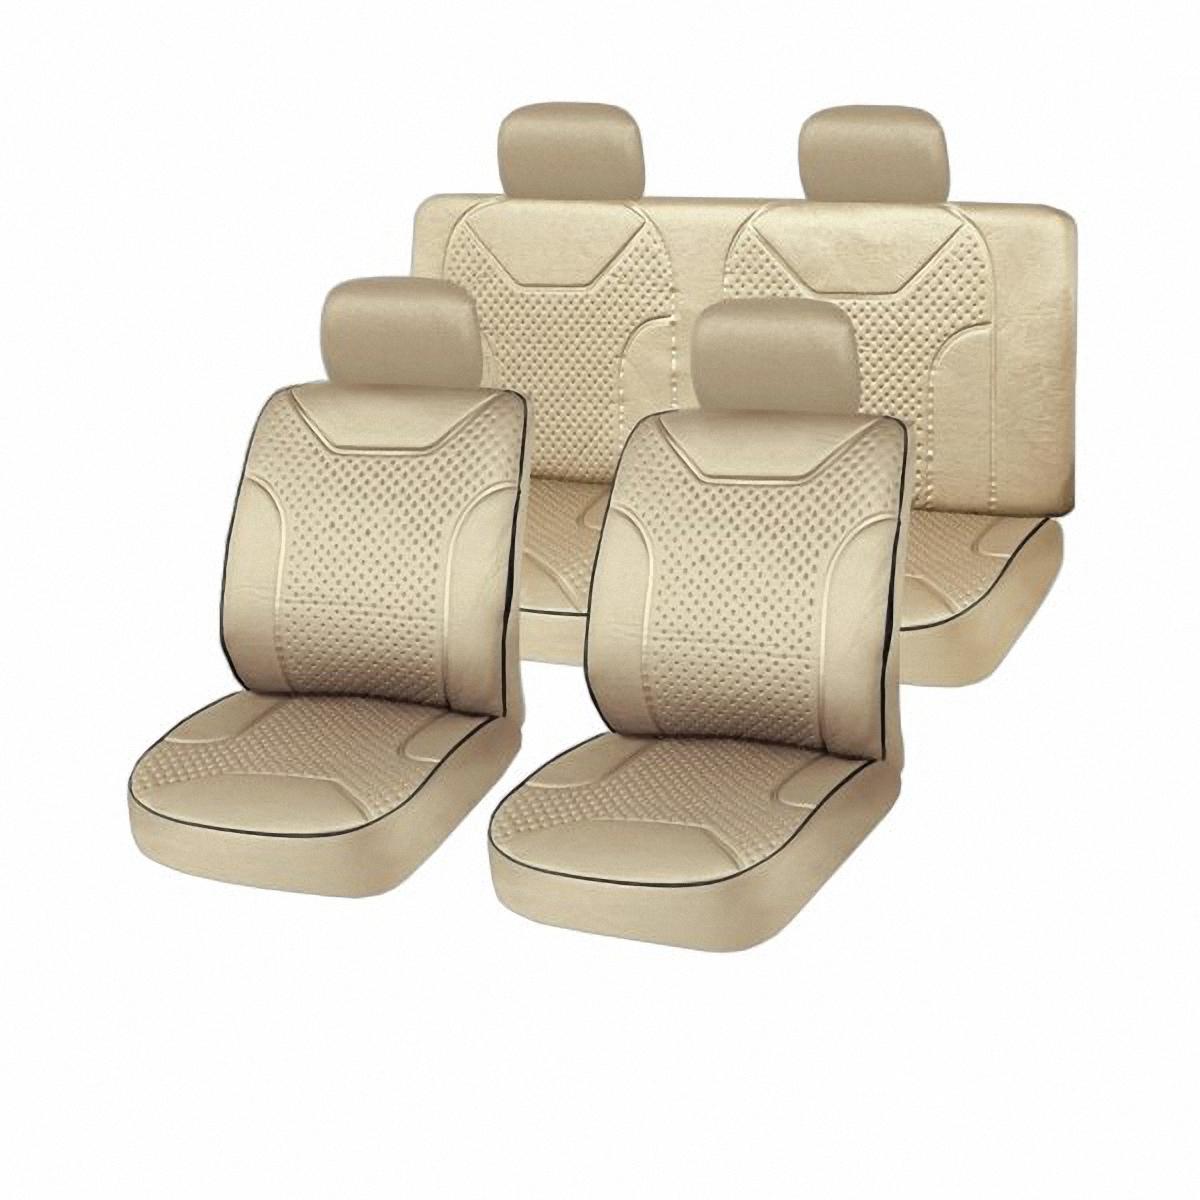 Чехлы автомобильные Skyway. S01301018S01301018Вам не хватает уюта и комфорта в салоне? Самый лучший способ изменить это – «одеть» ваши сидения в чехлы SKYWAY. Изготовленные из прочного материала они защитят ваш салон от износа и повреждений. Более плотный поролон позволяет чехлам полностью прилегать к сидению автомобиля и меньше растягиваться в процессе использования. Ткань чехлов на сиденья SKYWAY не вытягивается, не истирается, великолепно сохраняет форму, устойчива к световому и тепловому воздействию, а ровные, крепкие швы не разойдутся даже при сильном натяжении.